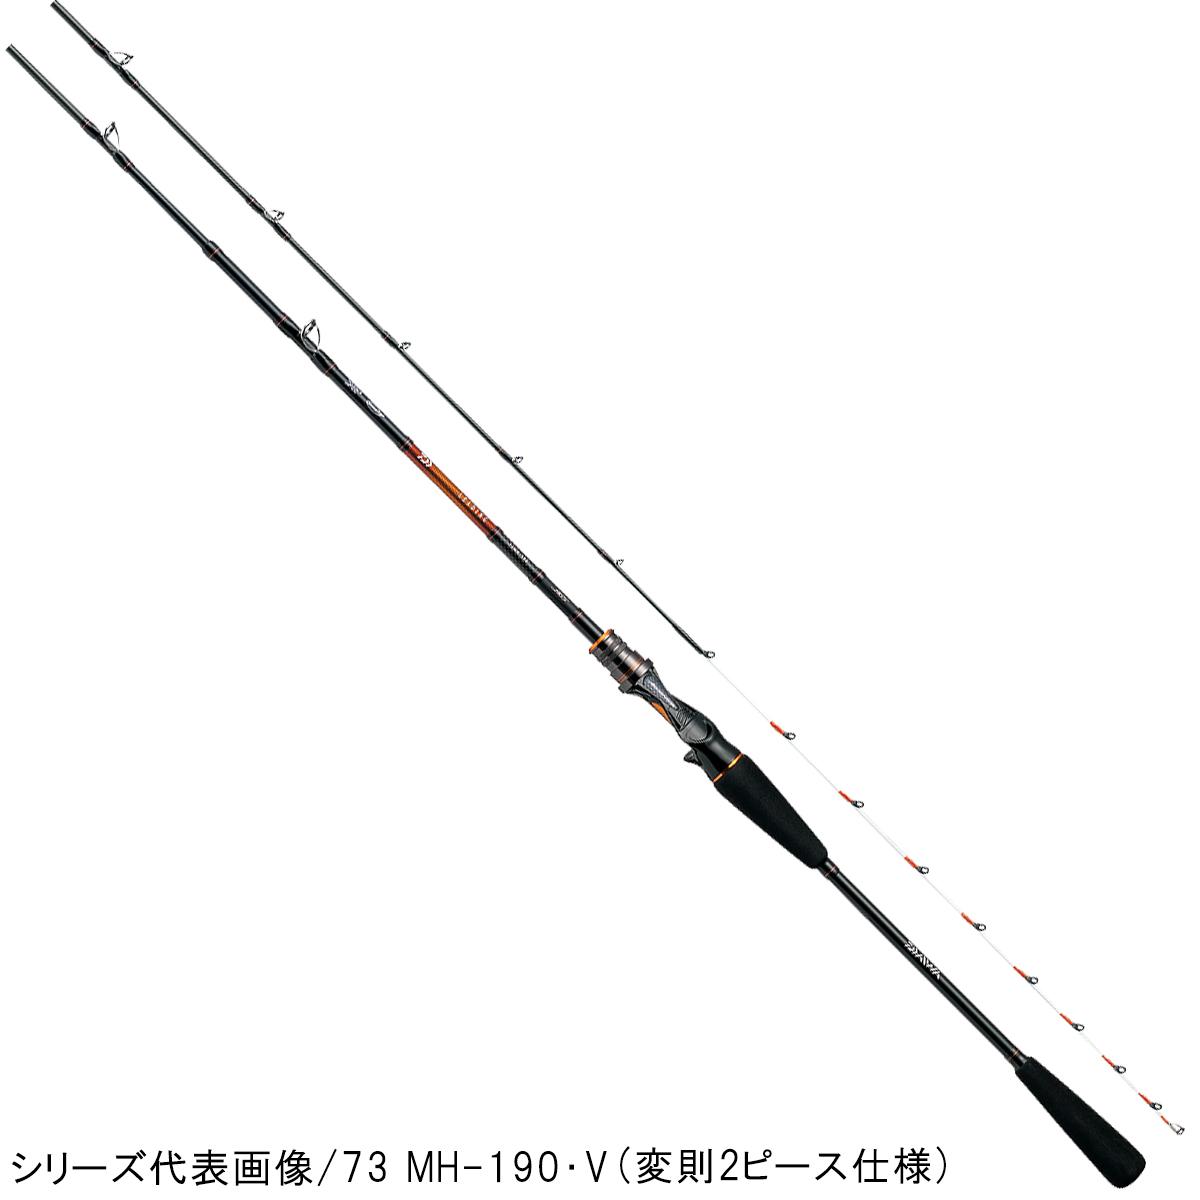 ダイワ リーディング 64 M-190・V(東日本店)